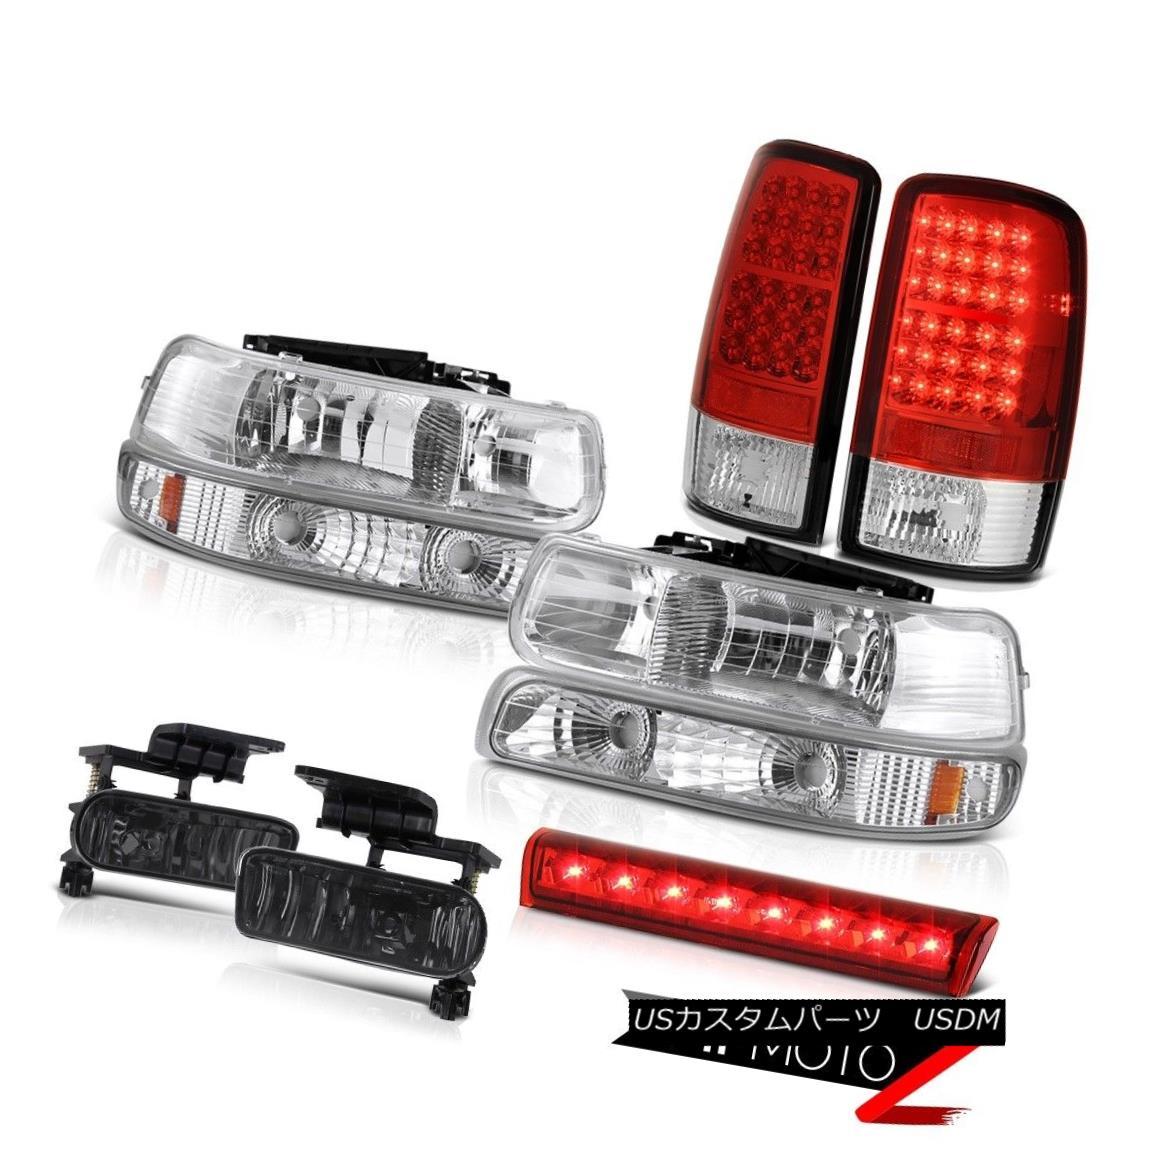 ヘッドライト 2000-2006 Tahoe LS Third brake lamp foglights tail lights headlights OE Style 2000-2006タホLS第3ブレーキランプフォグライトテールライトヘッドライトOEスタイル